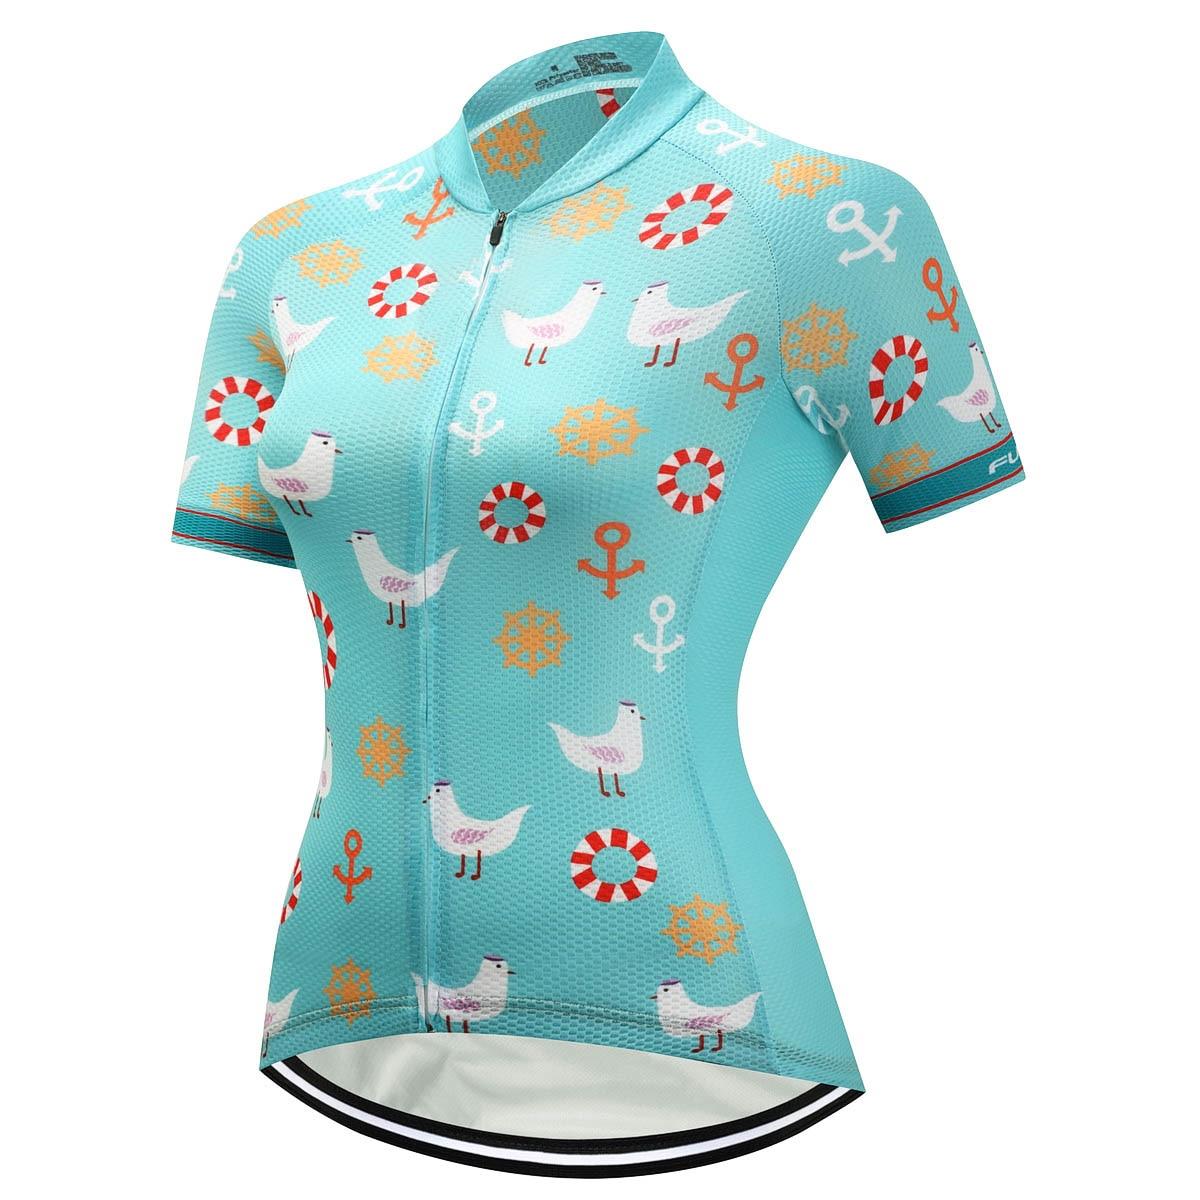 Fualrny Илиана Для женщин 100% полиэстер 2018 новые дышащие велосипед одежда летняя УФ Велосипедная форма Ropa Ciclismo Vélo